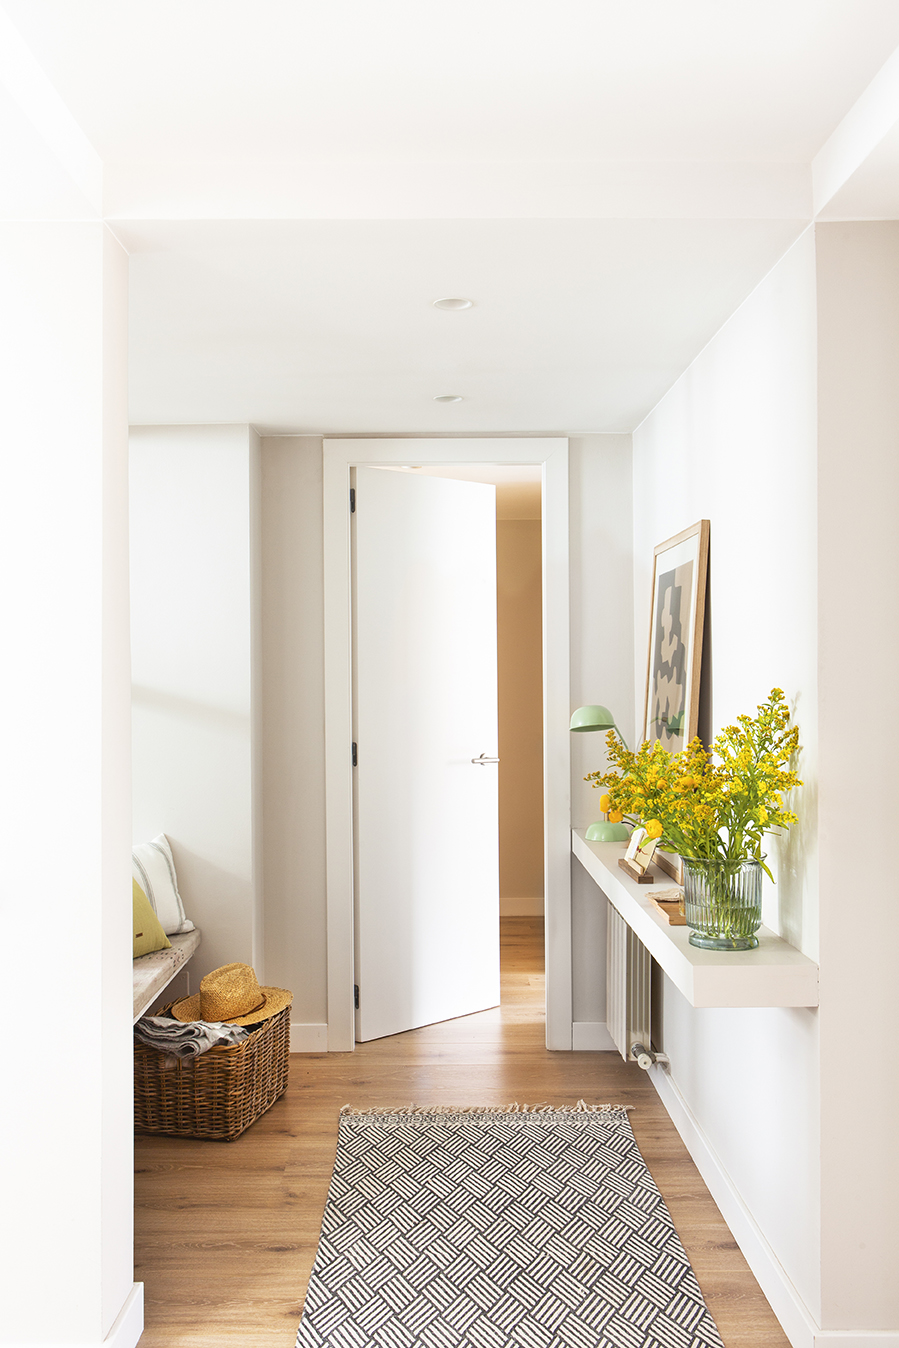 Puertas blancas de madera blanco principal compuesto moda for Puertas madera blancas precios